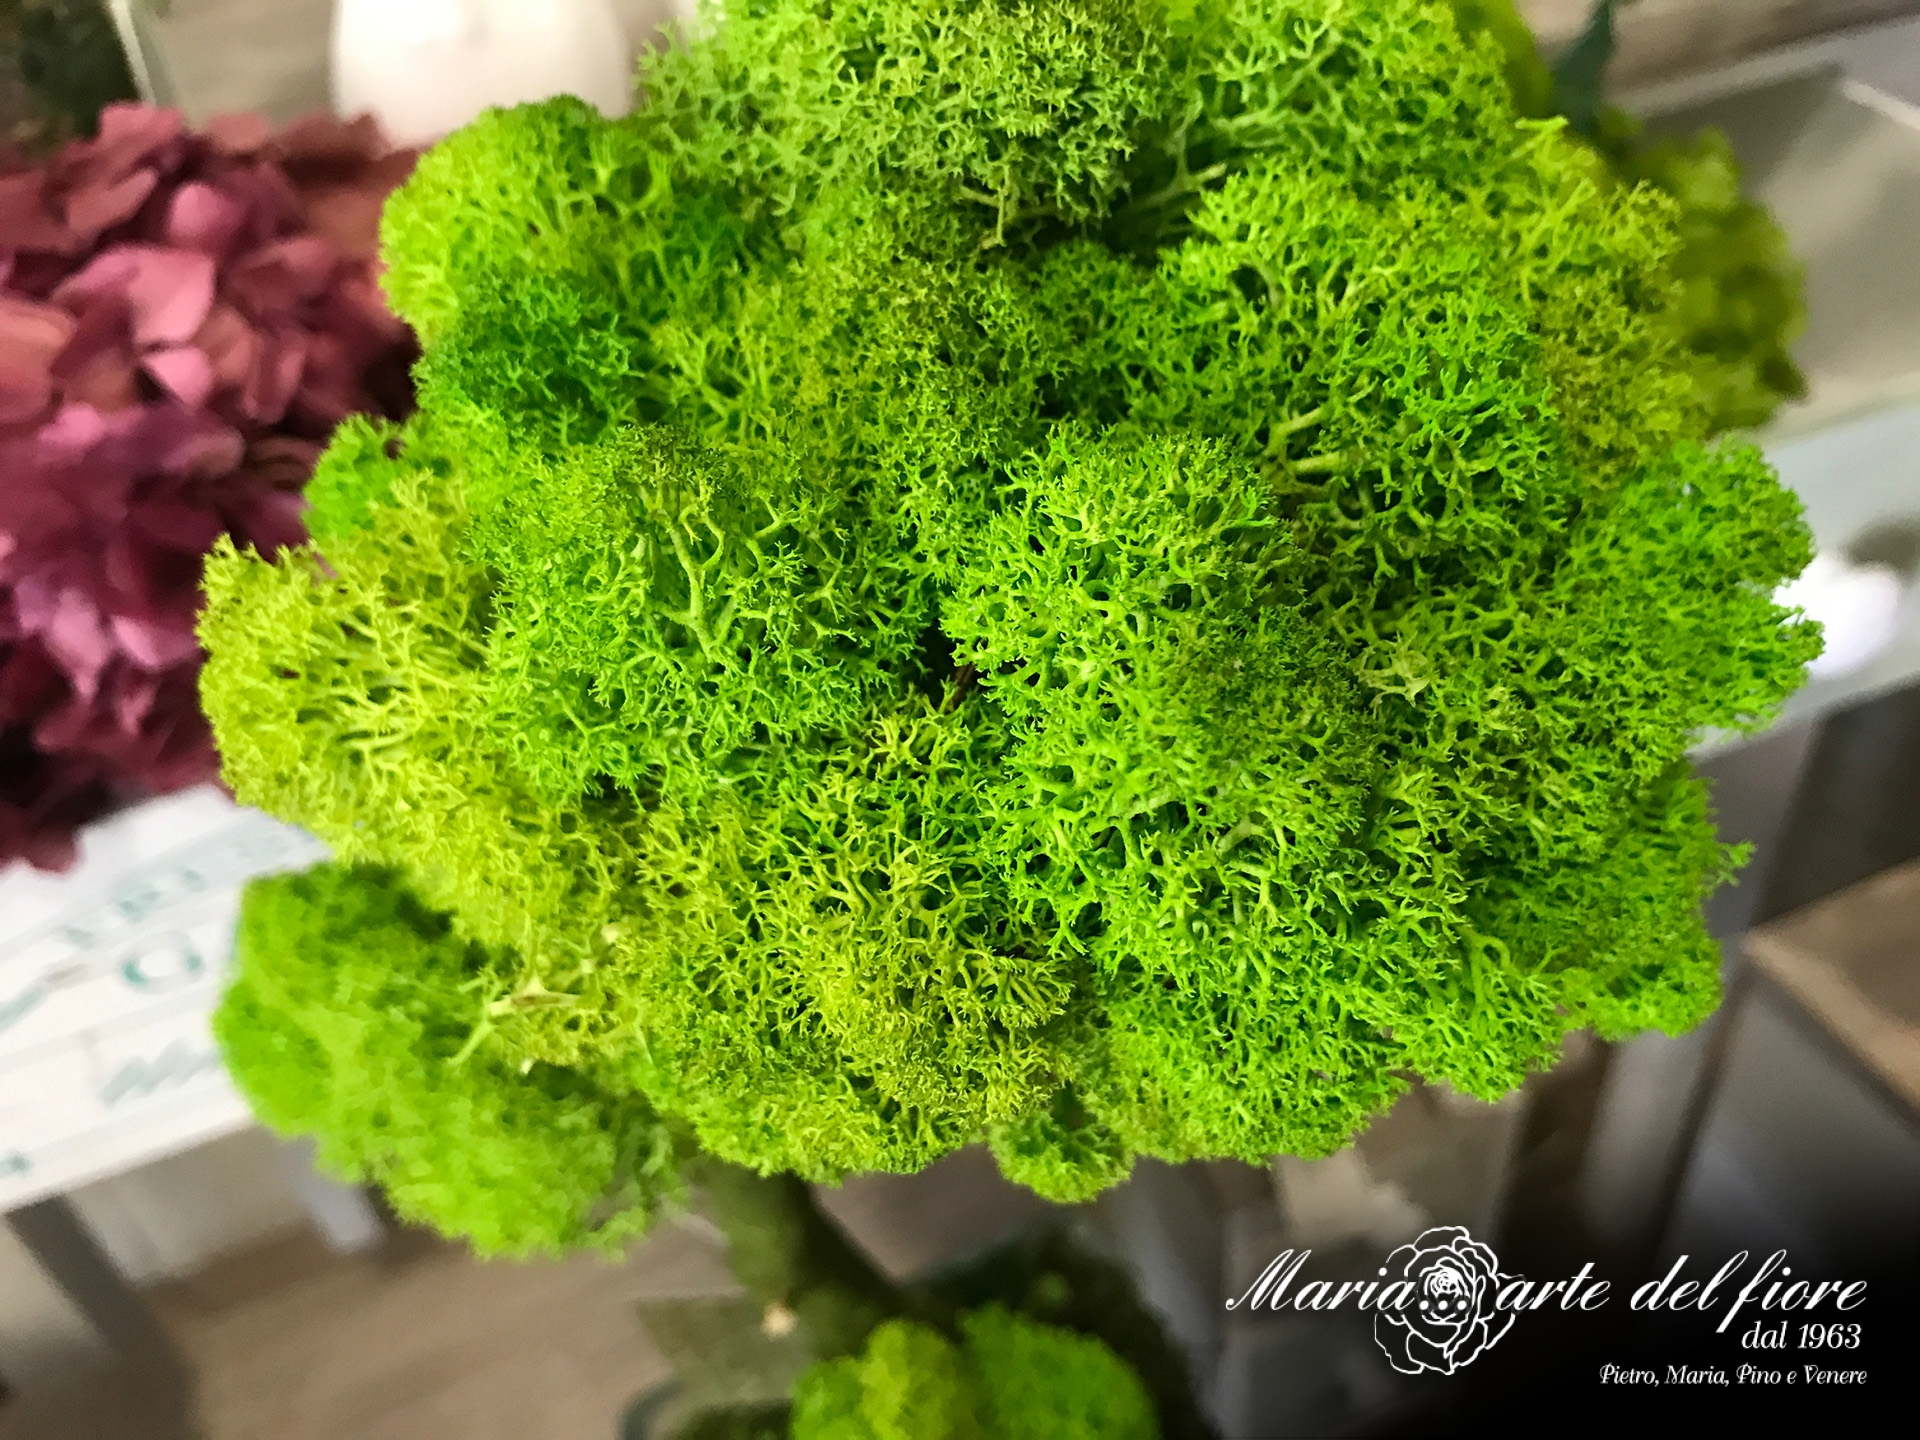 Maria-Arte-Del-Fiore-Fornitura-di-Rose-stabilizzate-Fiori-Verdi-Muschi-Licheni-stabilizzati_07